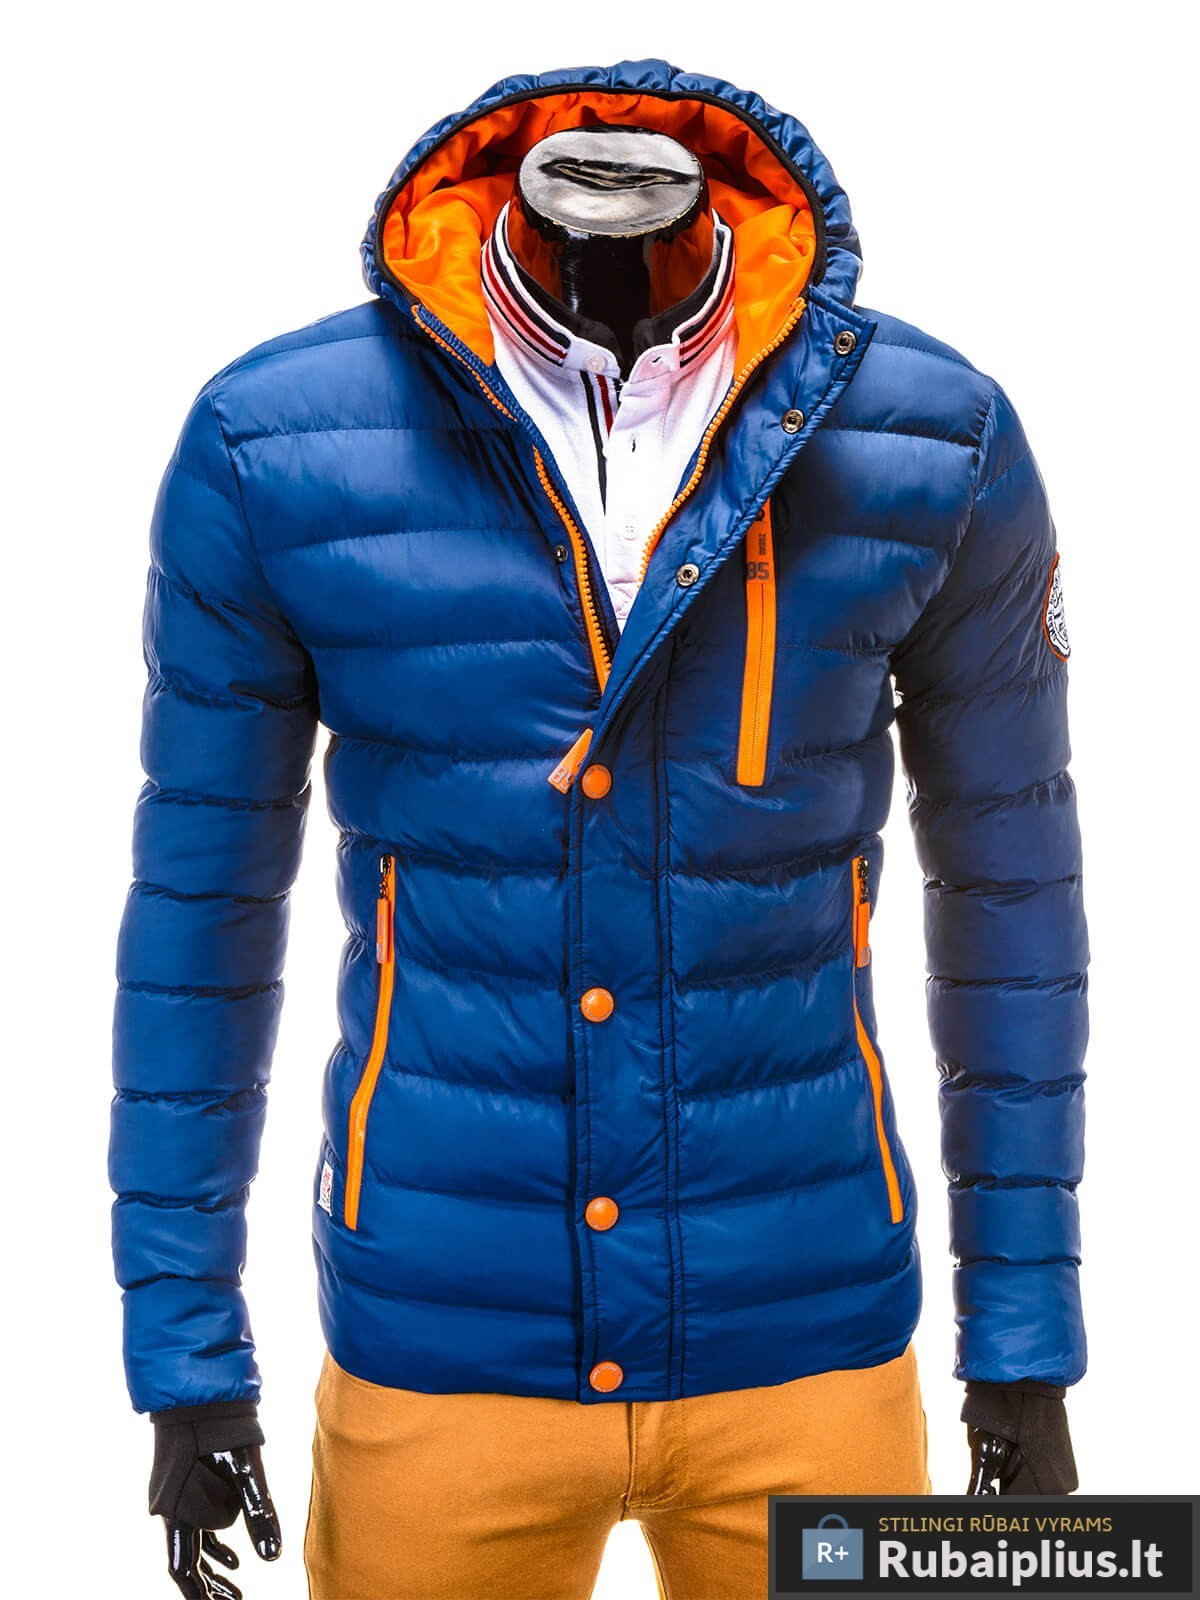 tamsiai mėlyna žieminė vyriska striuke, mėlynos spalvos striuke vyrams, vyriskos striukes internetu, stilinga vyriška striukė, vyriška striukė žiemai, madingos vyriškos striukės internetu, žieminės striukės, žieminė striukės, originalios striukės, aukštos kokybės, nuolaida, akcija, aukšta kokybė, greitas pristatymas, apmokėjimas gavus preke